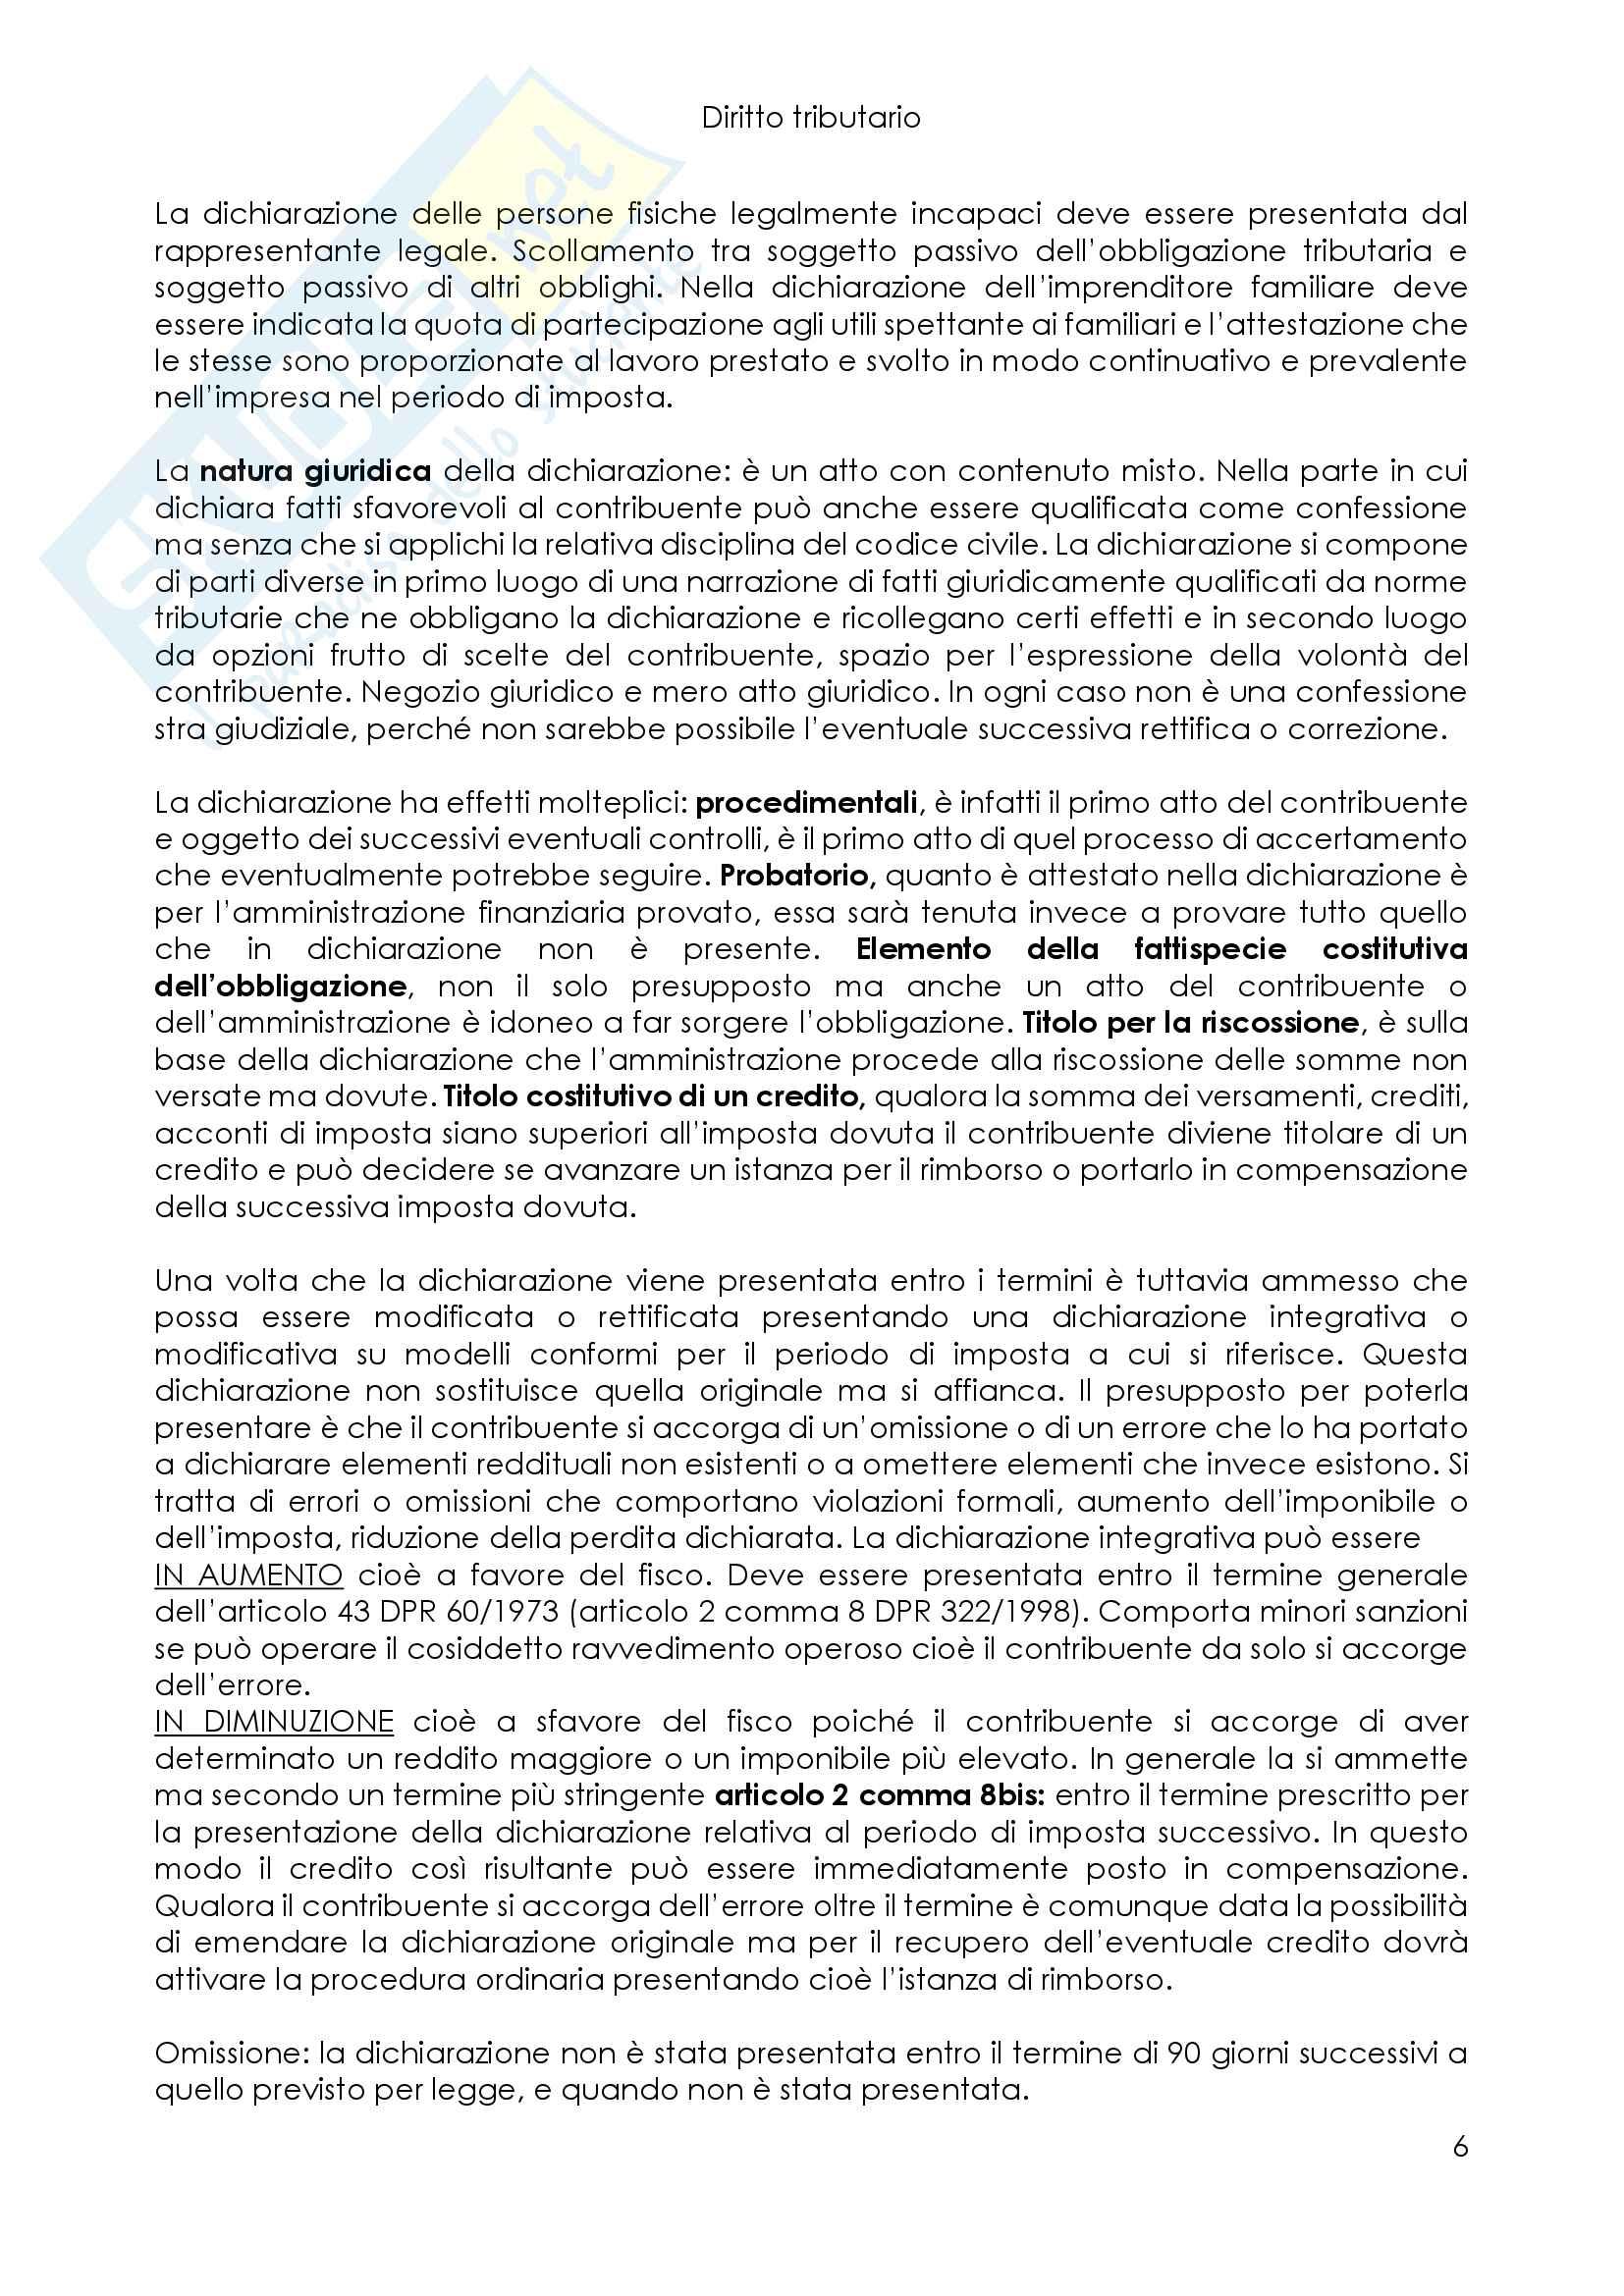 Schemi di diritto tributario Pag. 6